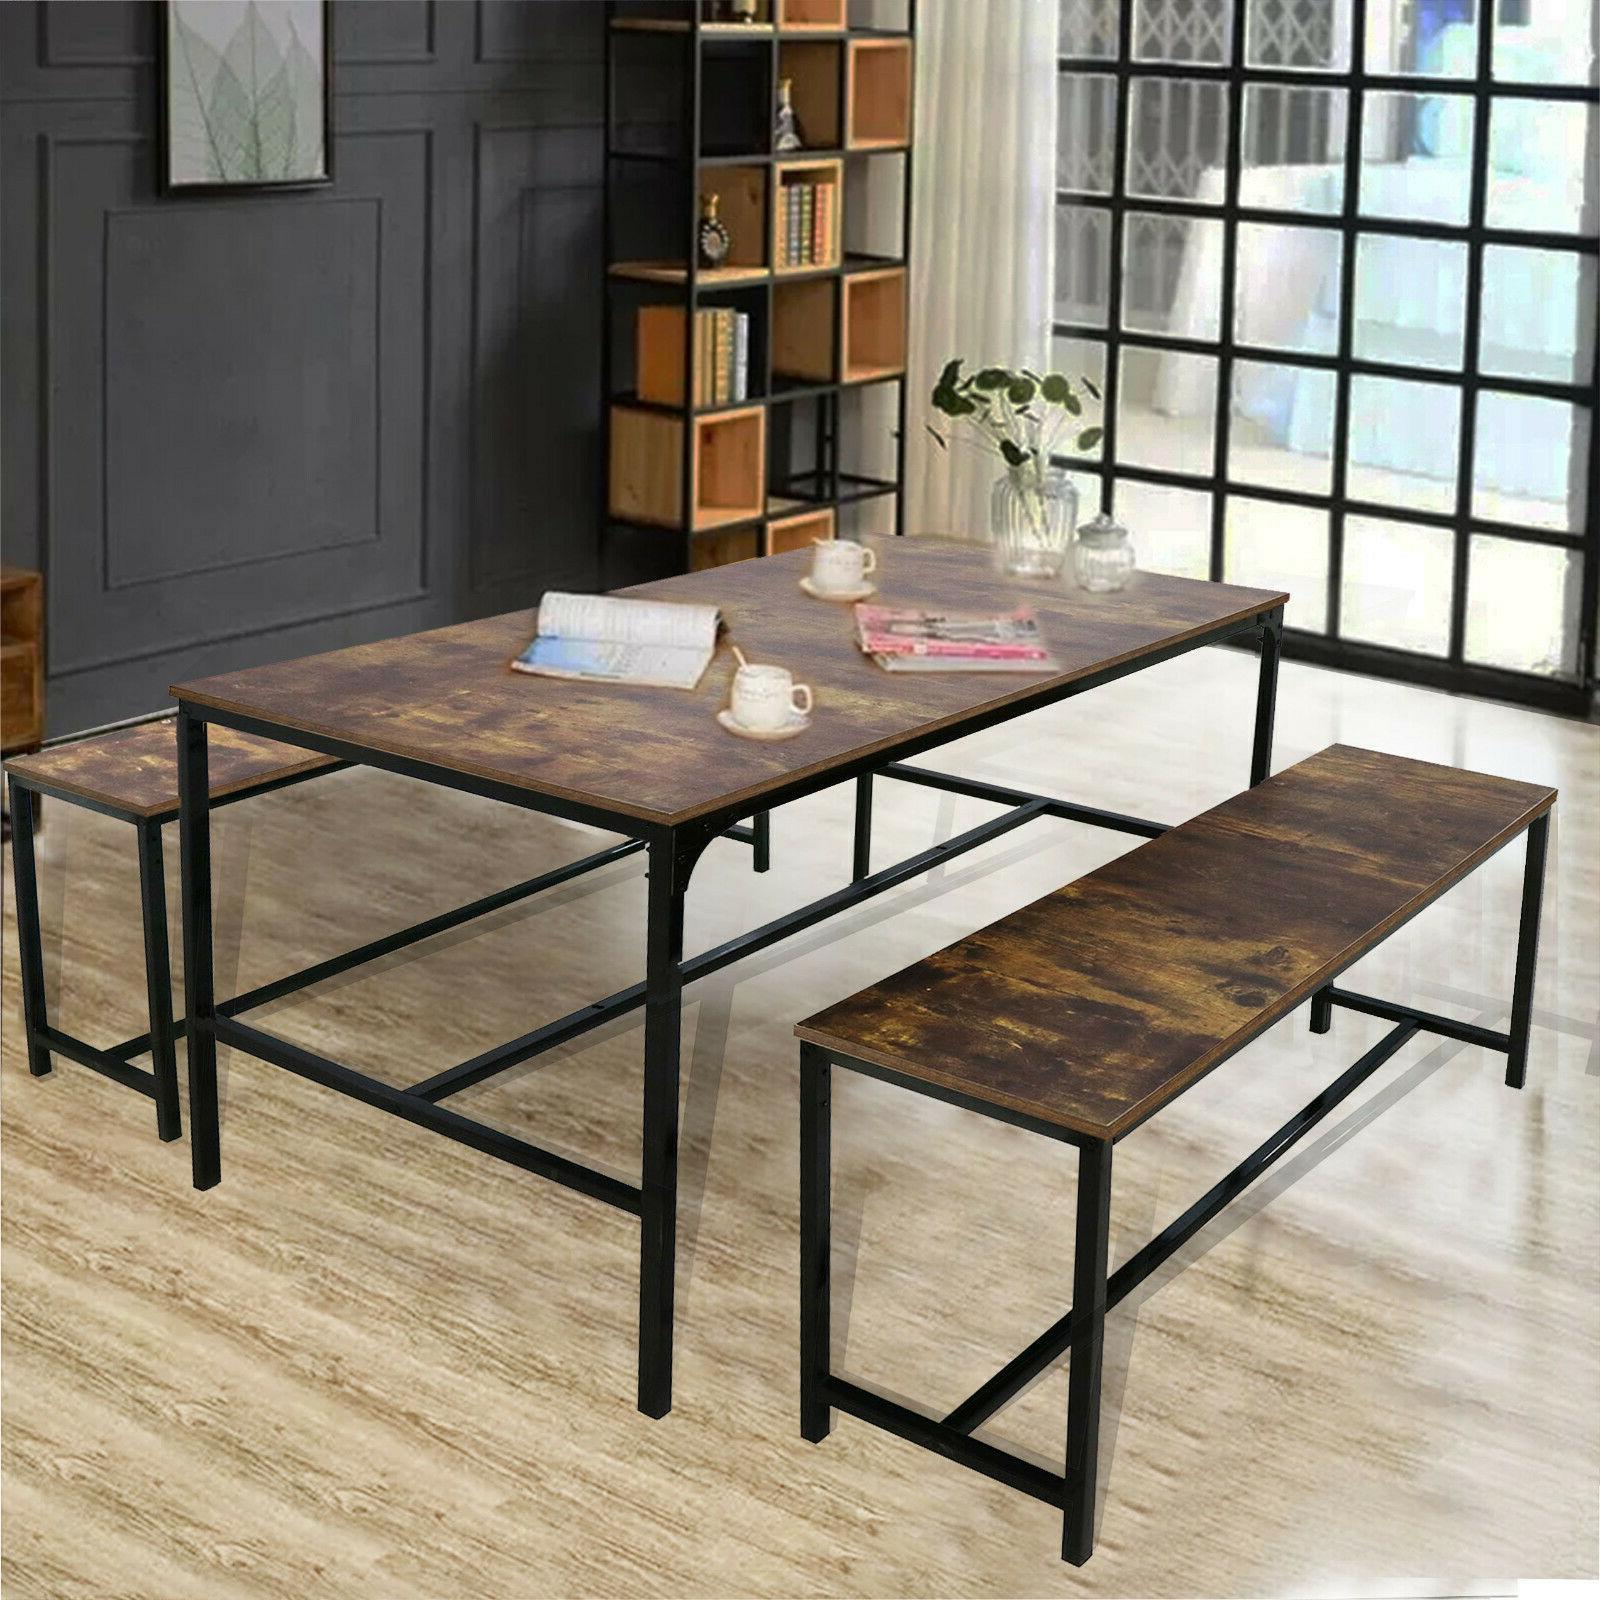 3 Set W/2 Metal Furniture